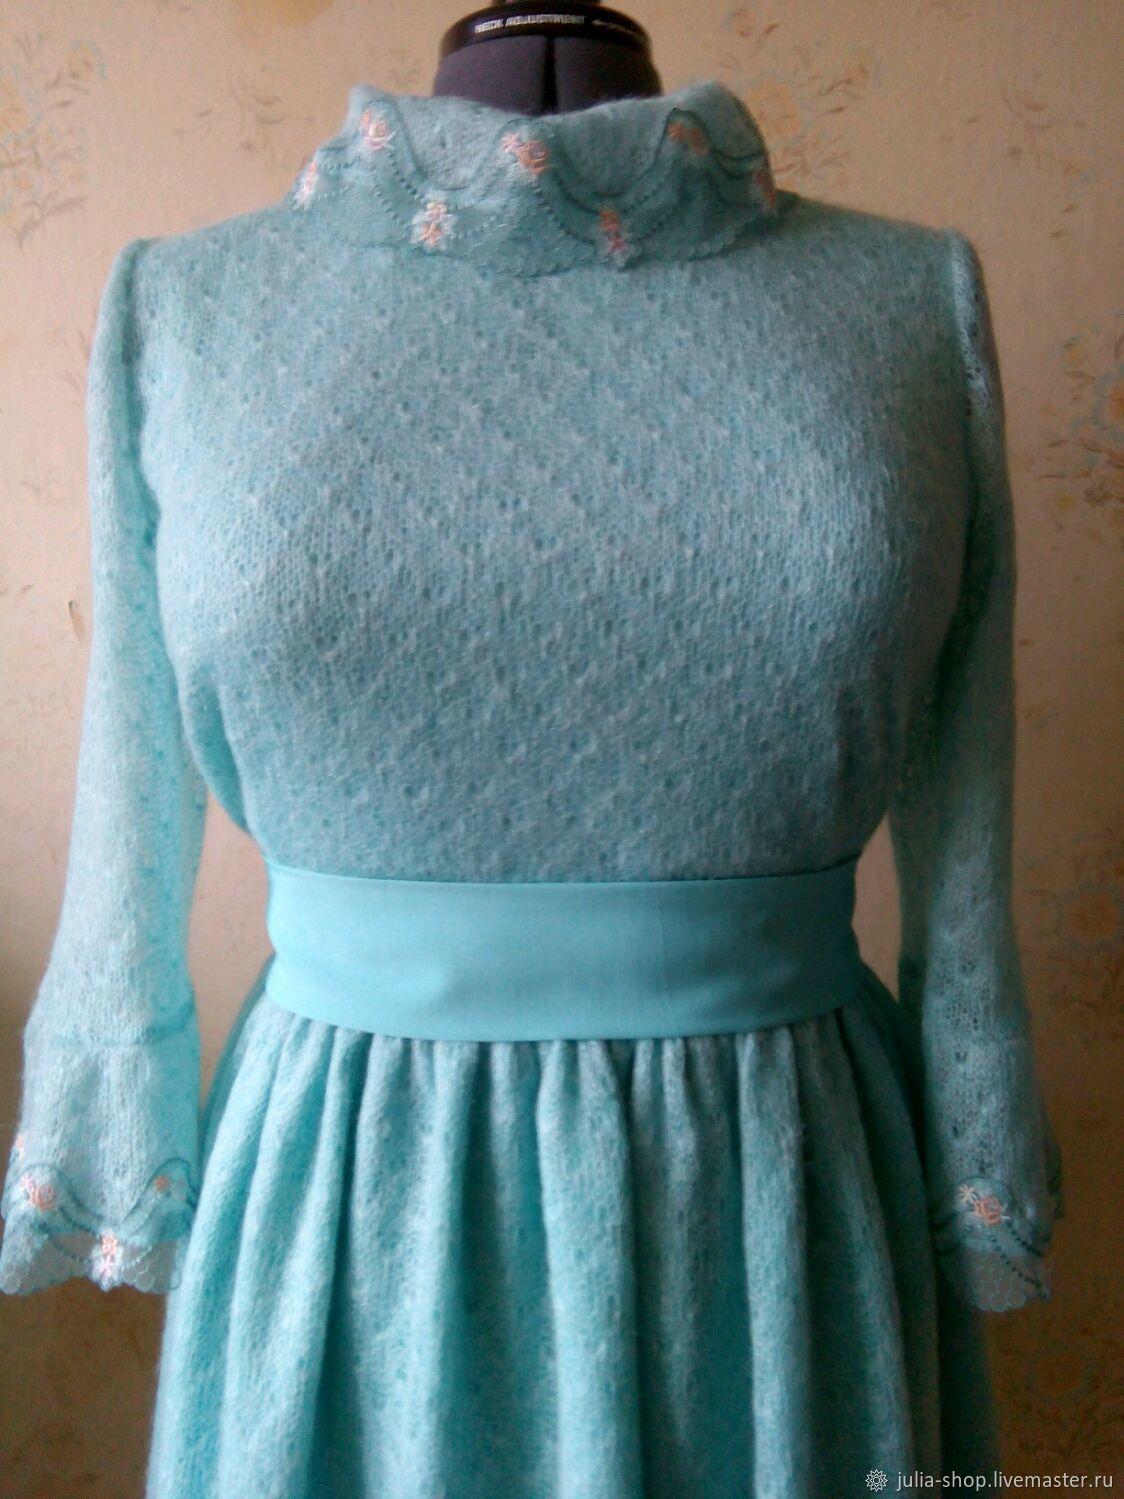 Сшить платье из трикотажа масло 76